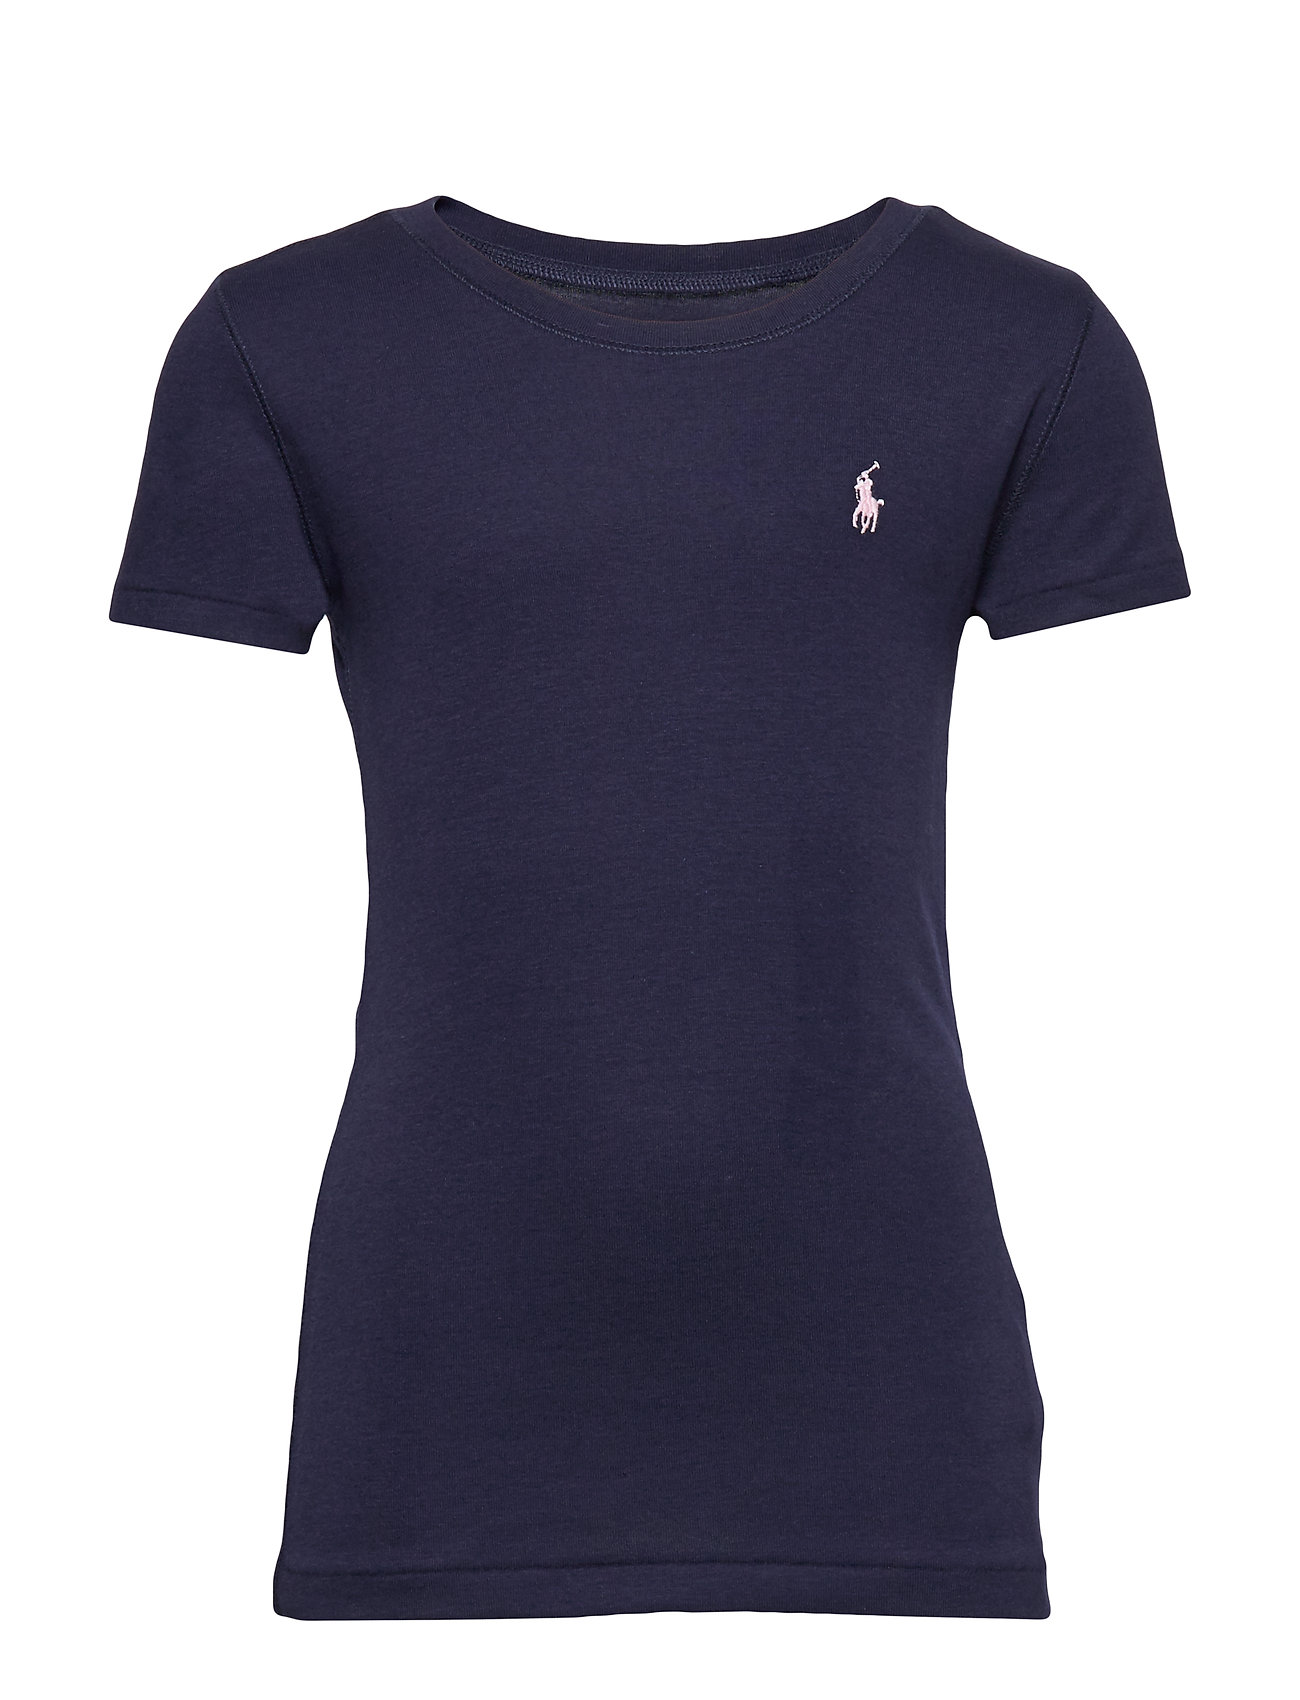 Ralph Lauren Kids Cotton-Blend Crewneck T-Shirt